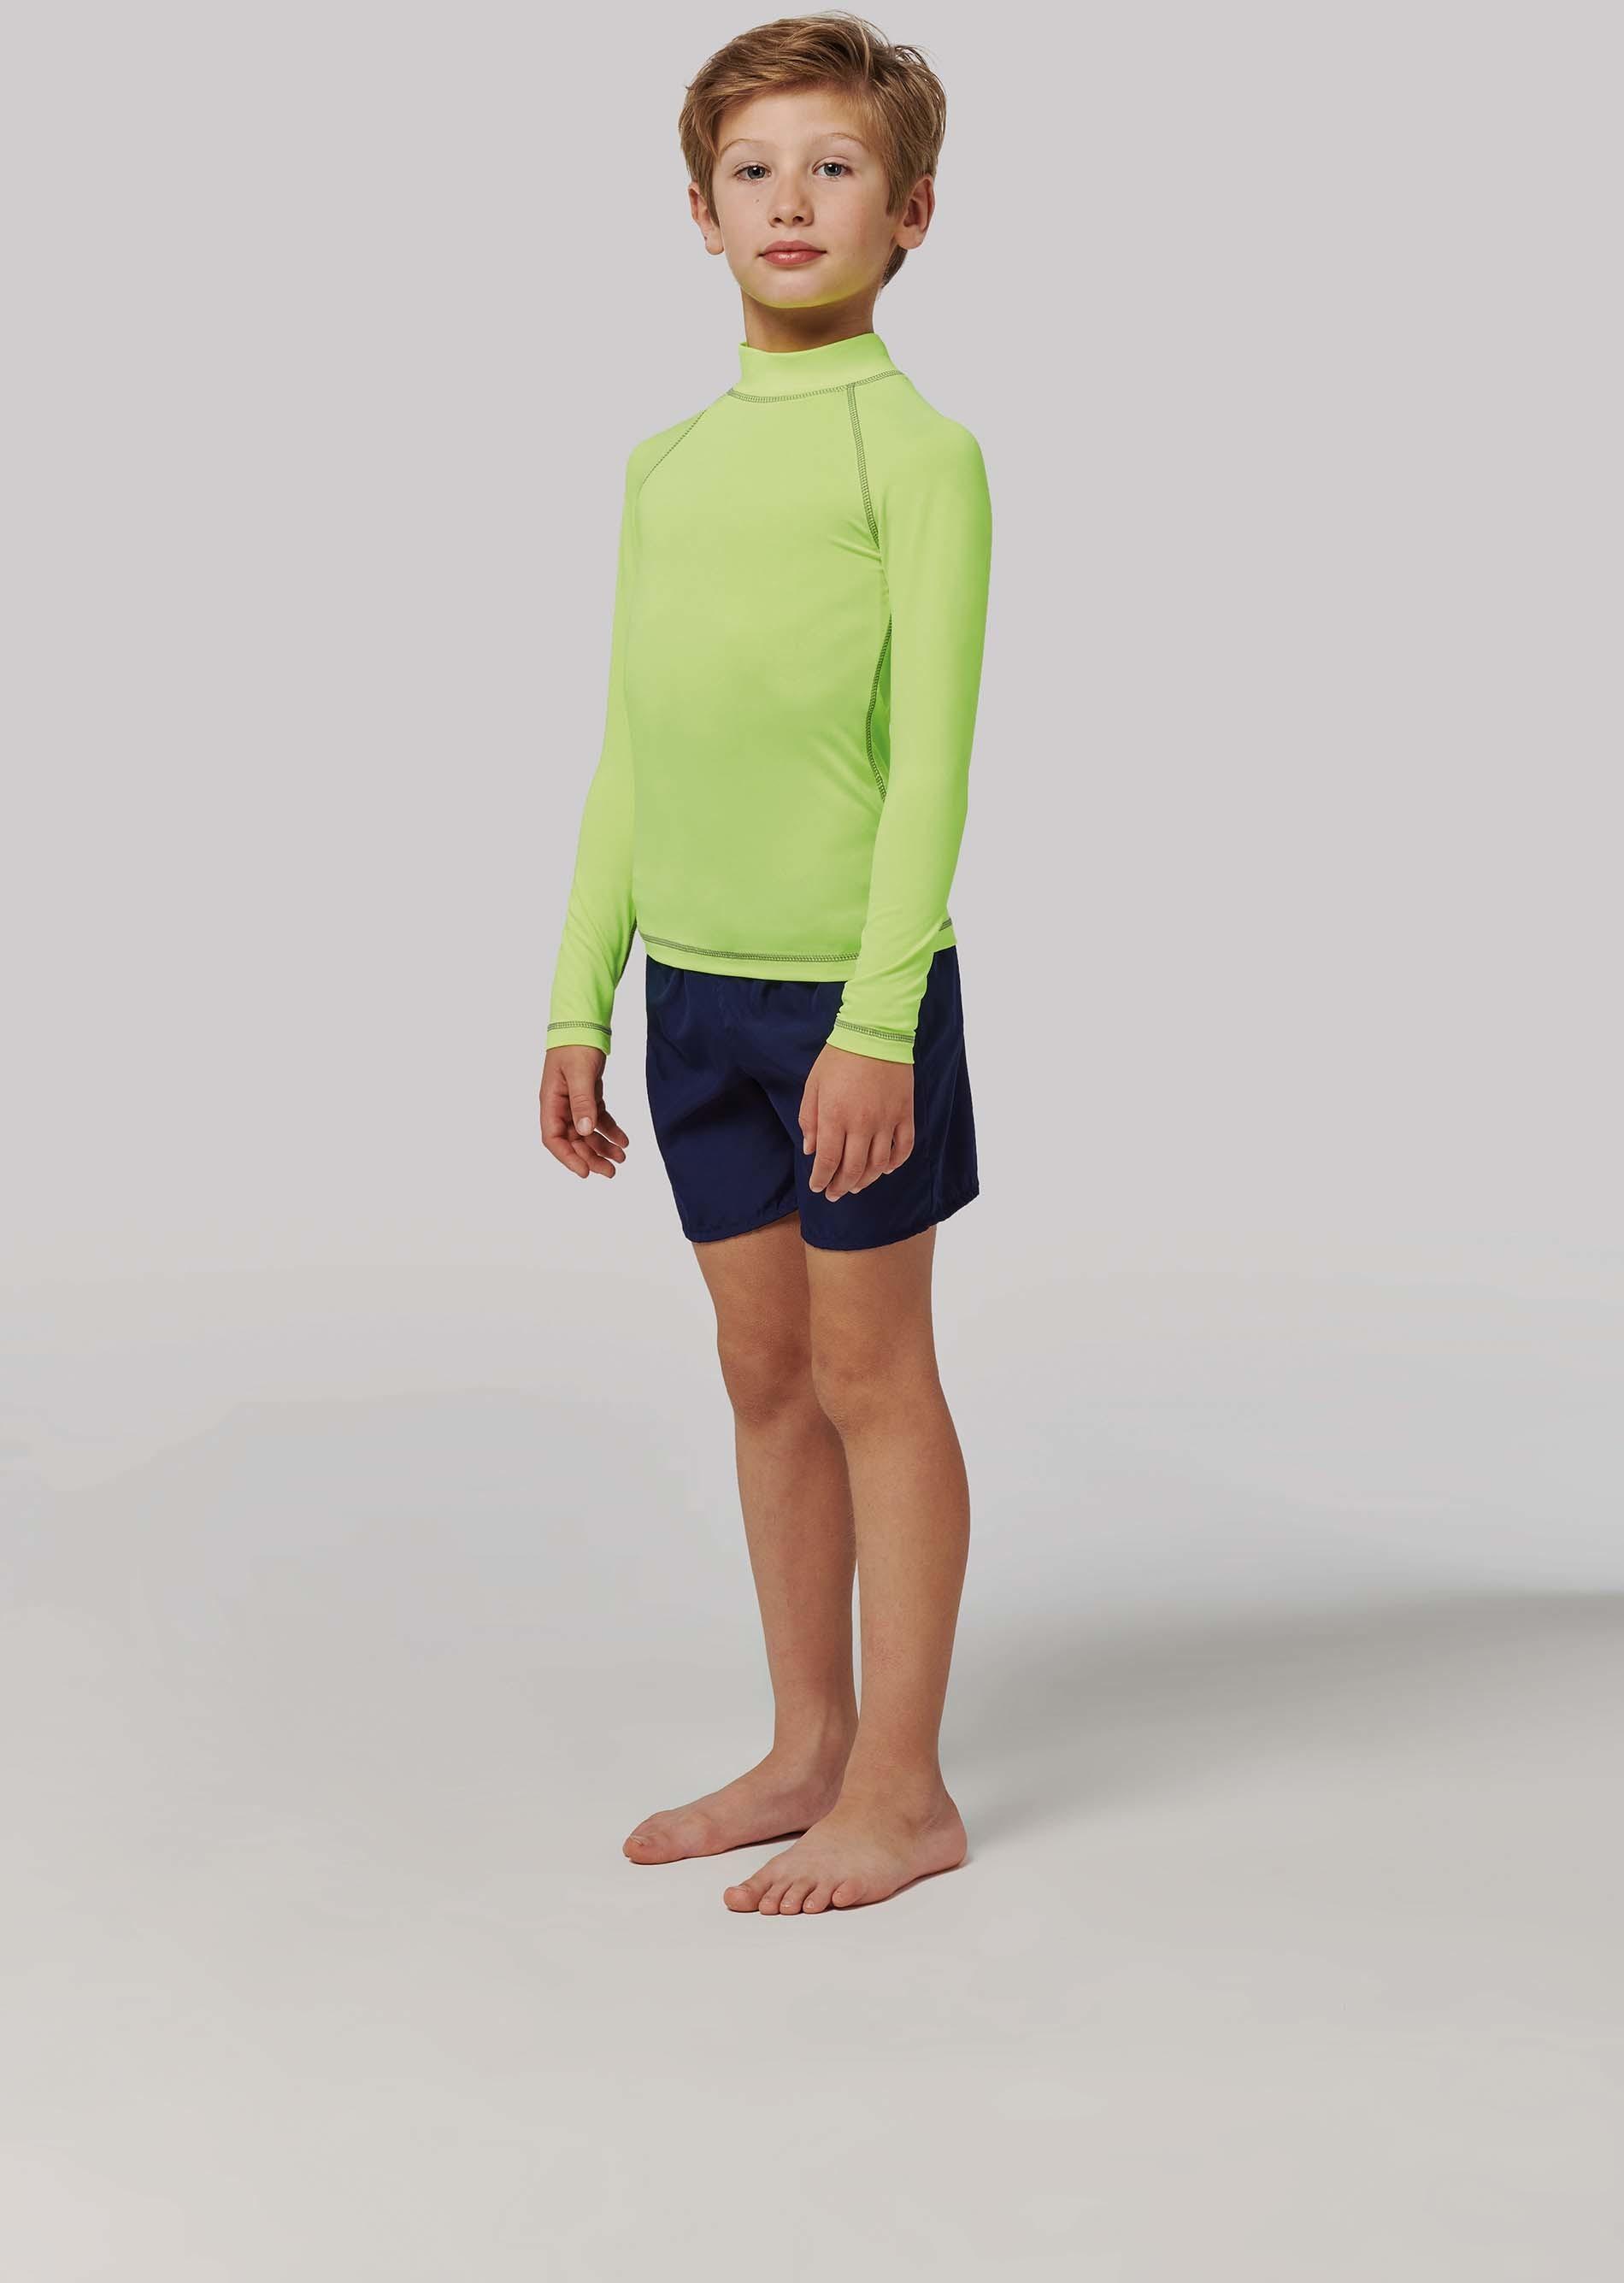 Tee-shirt technique à manches longues avec protection anti-UV enfant